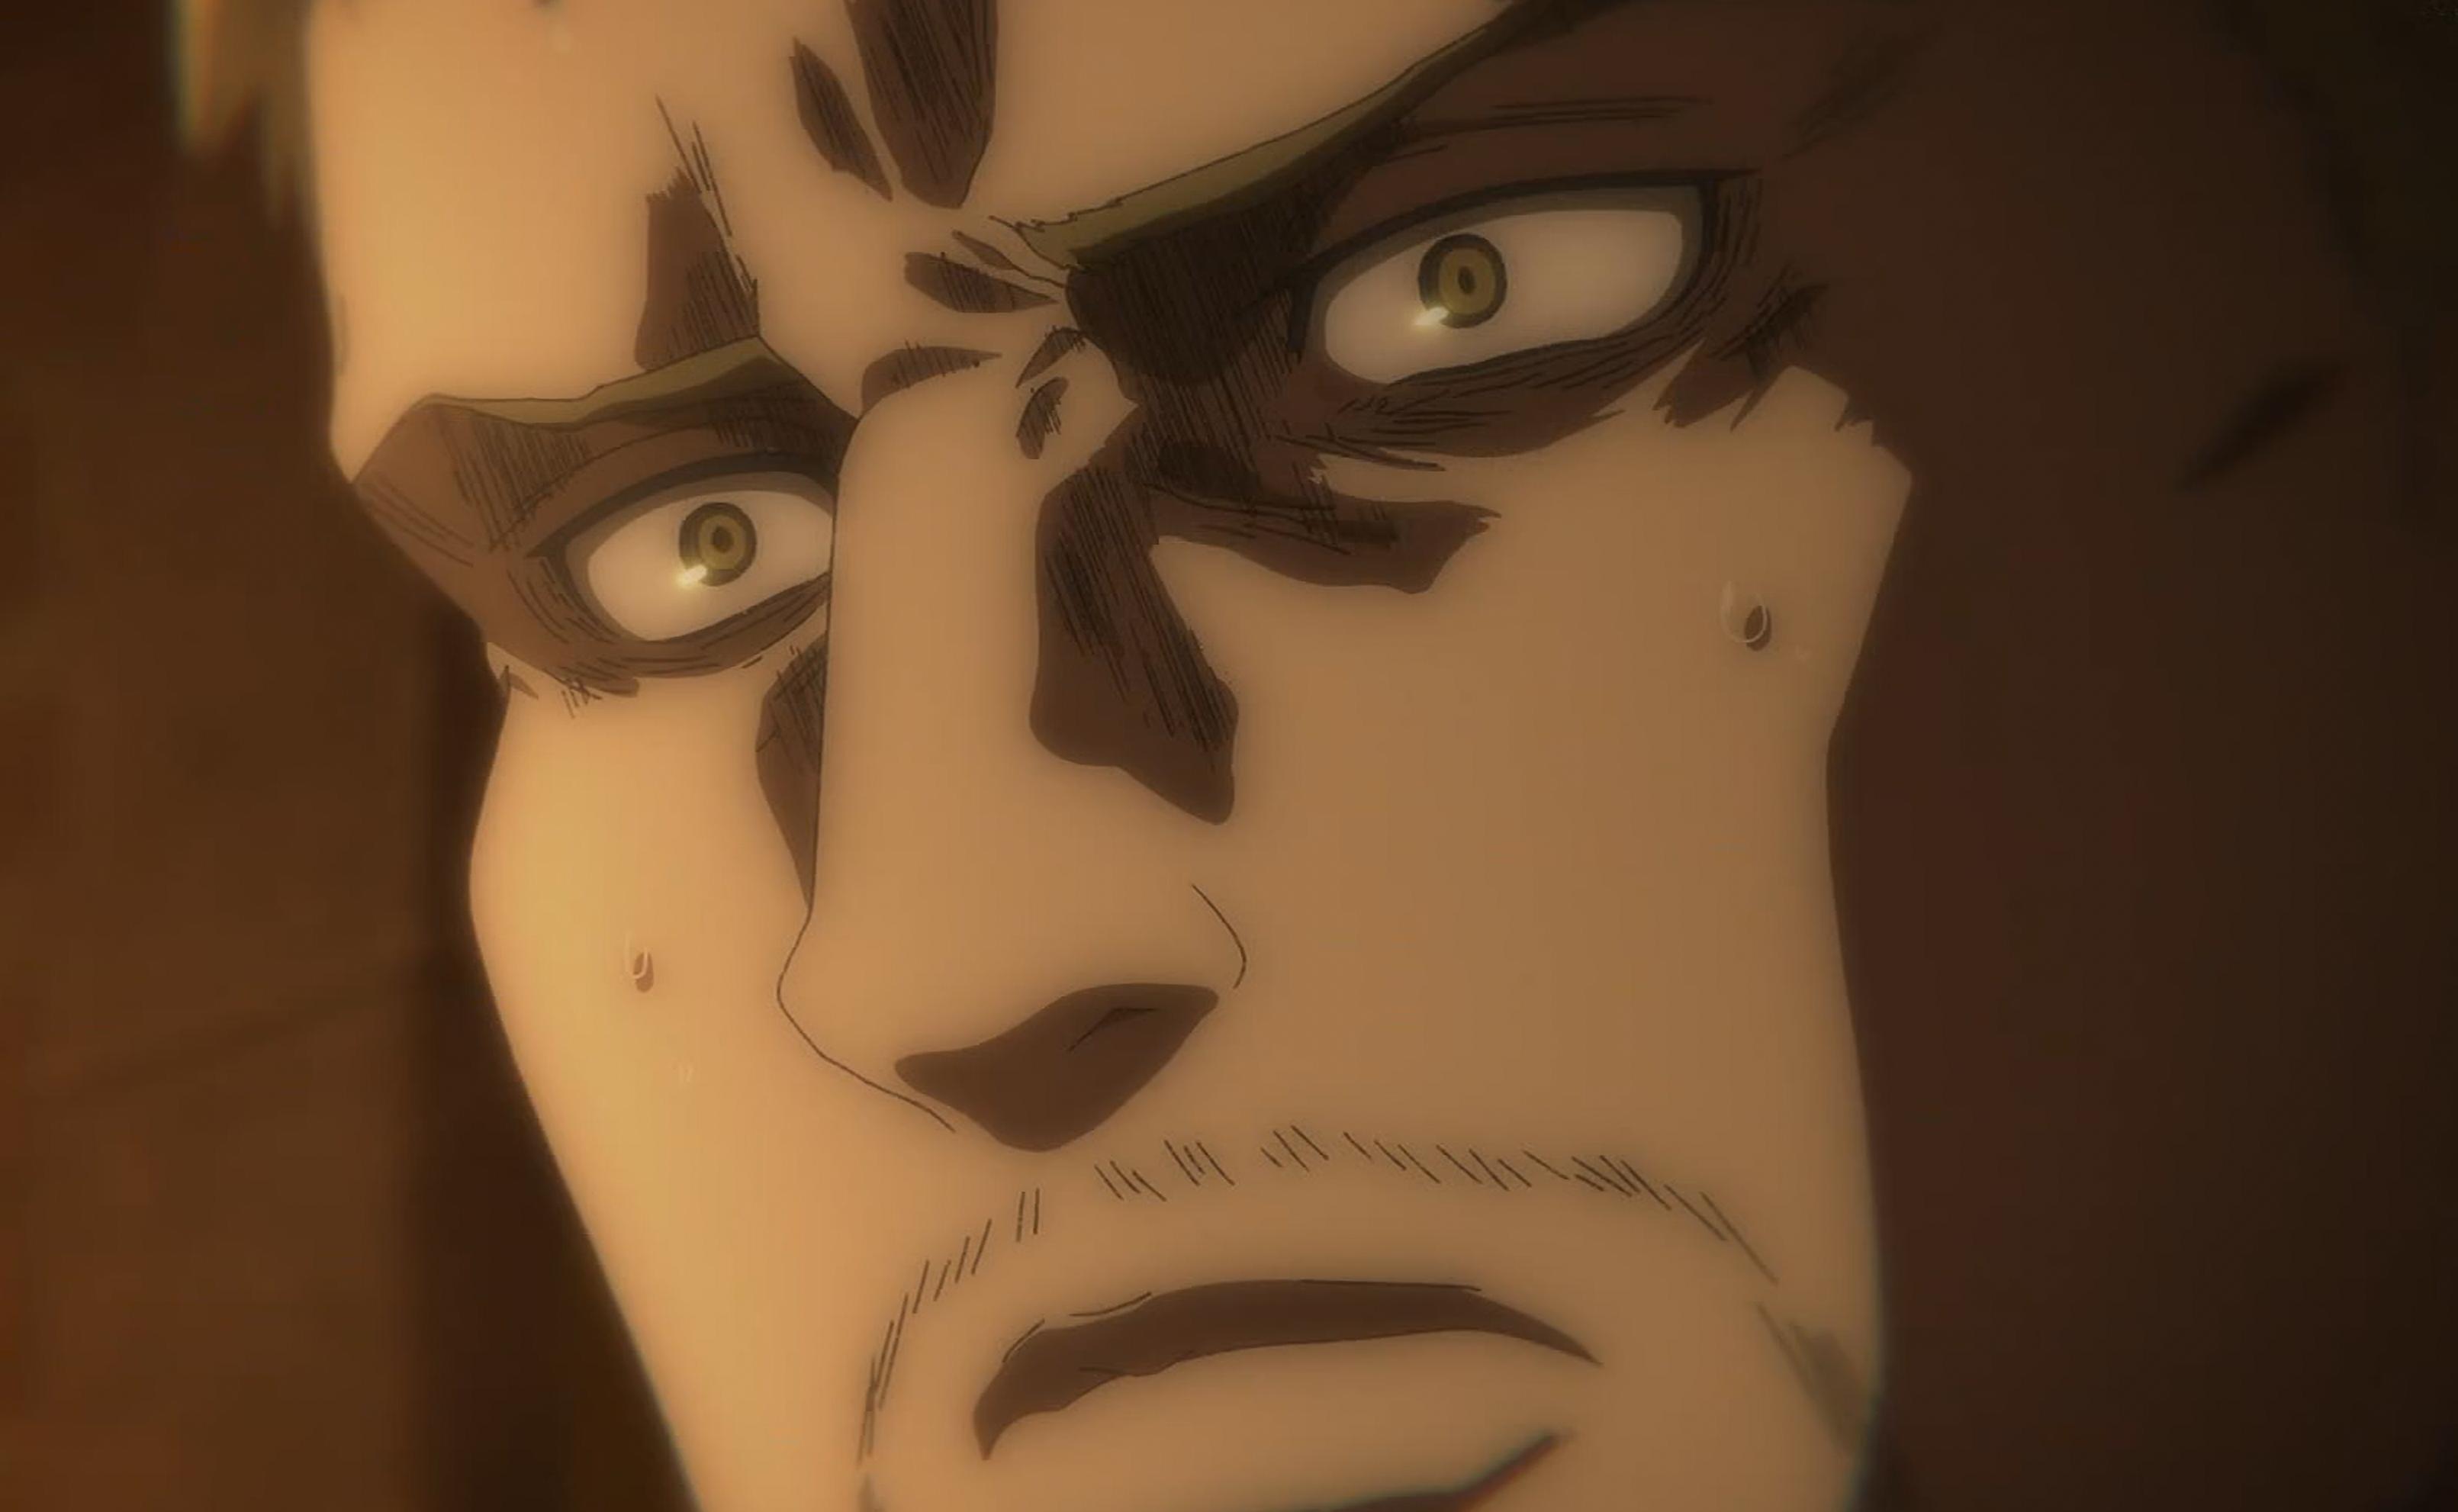 《進擊的巨人》三笠登場畫面遭到吐槽,還原原作也遭吐槽?